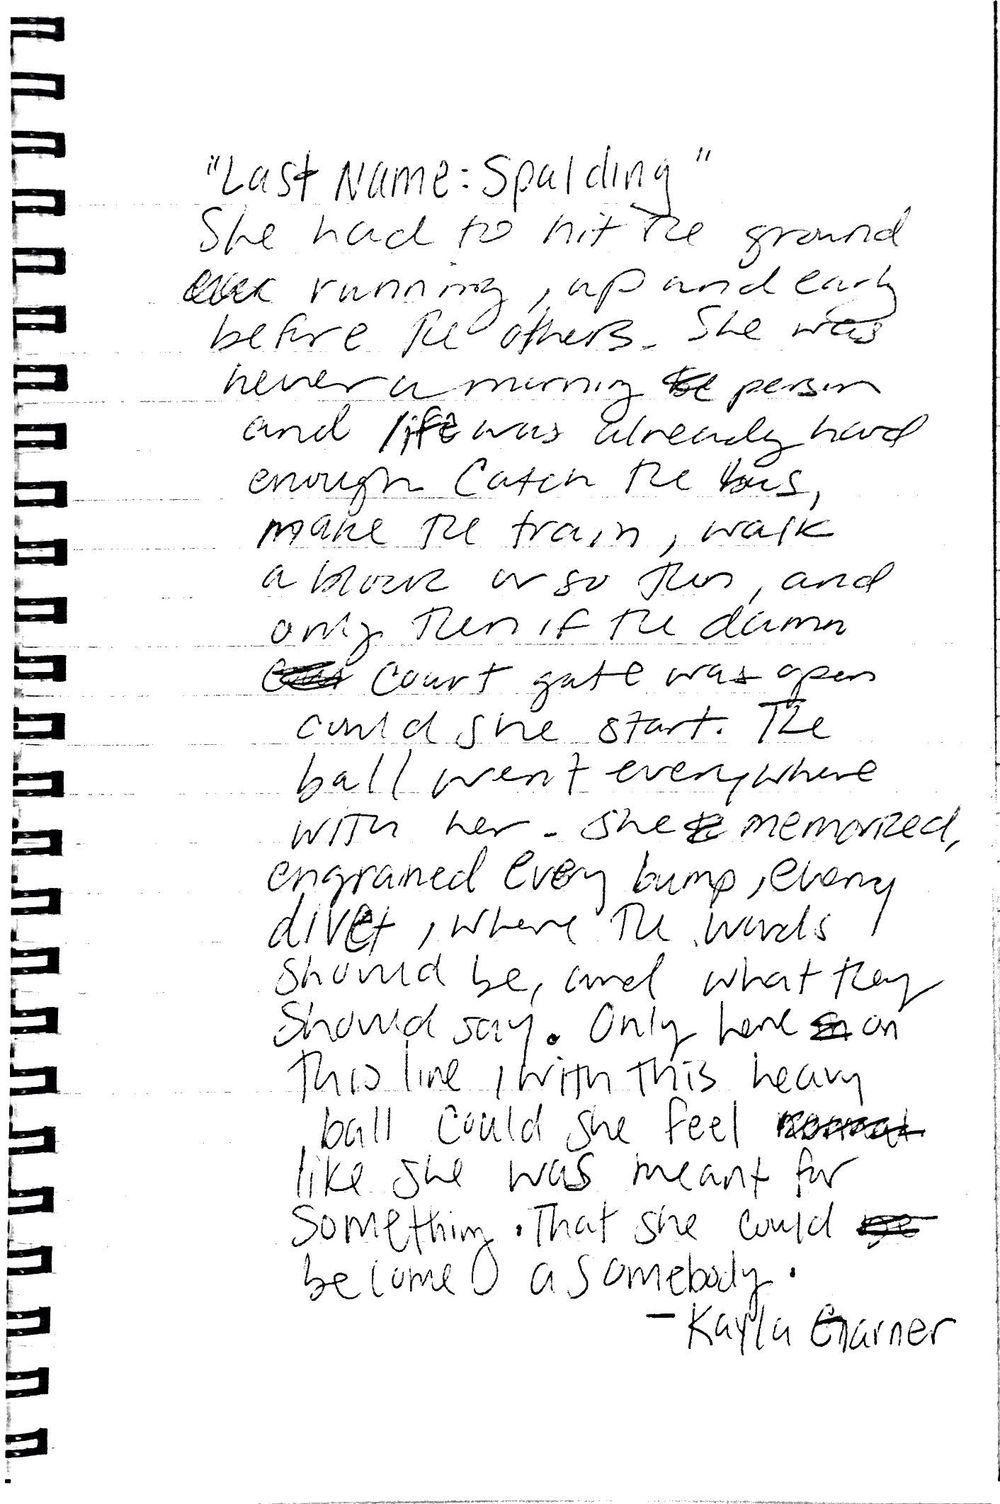 Baltimore 1 Writing Workshop-p3.jpg